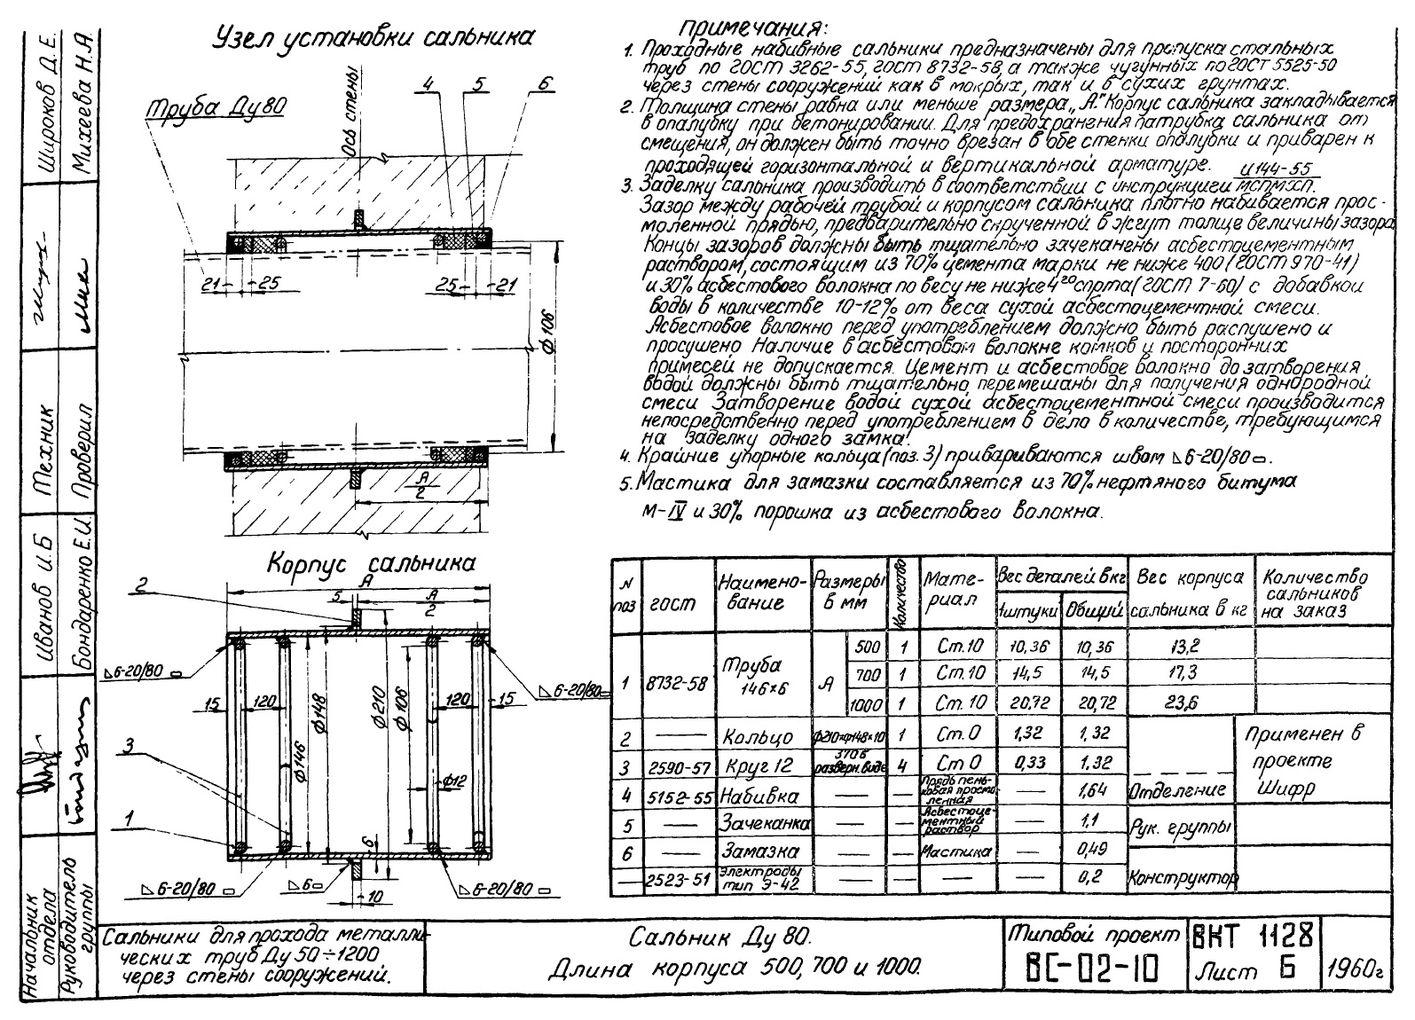 Сальники набивные L = 500 мм типовой проект ВС-02-10 стр.2